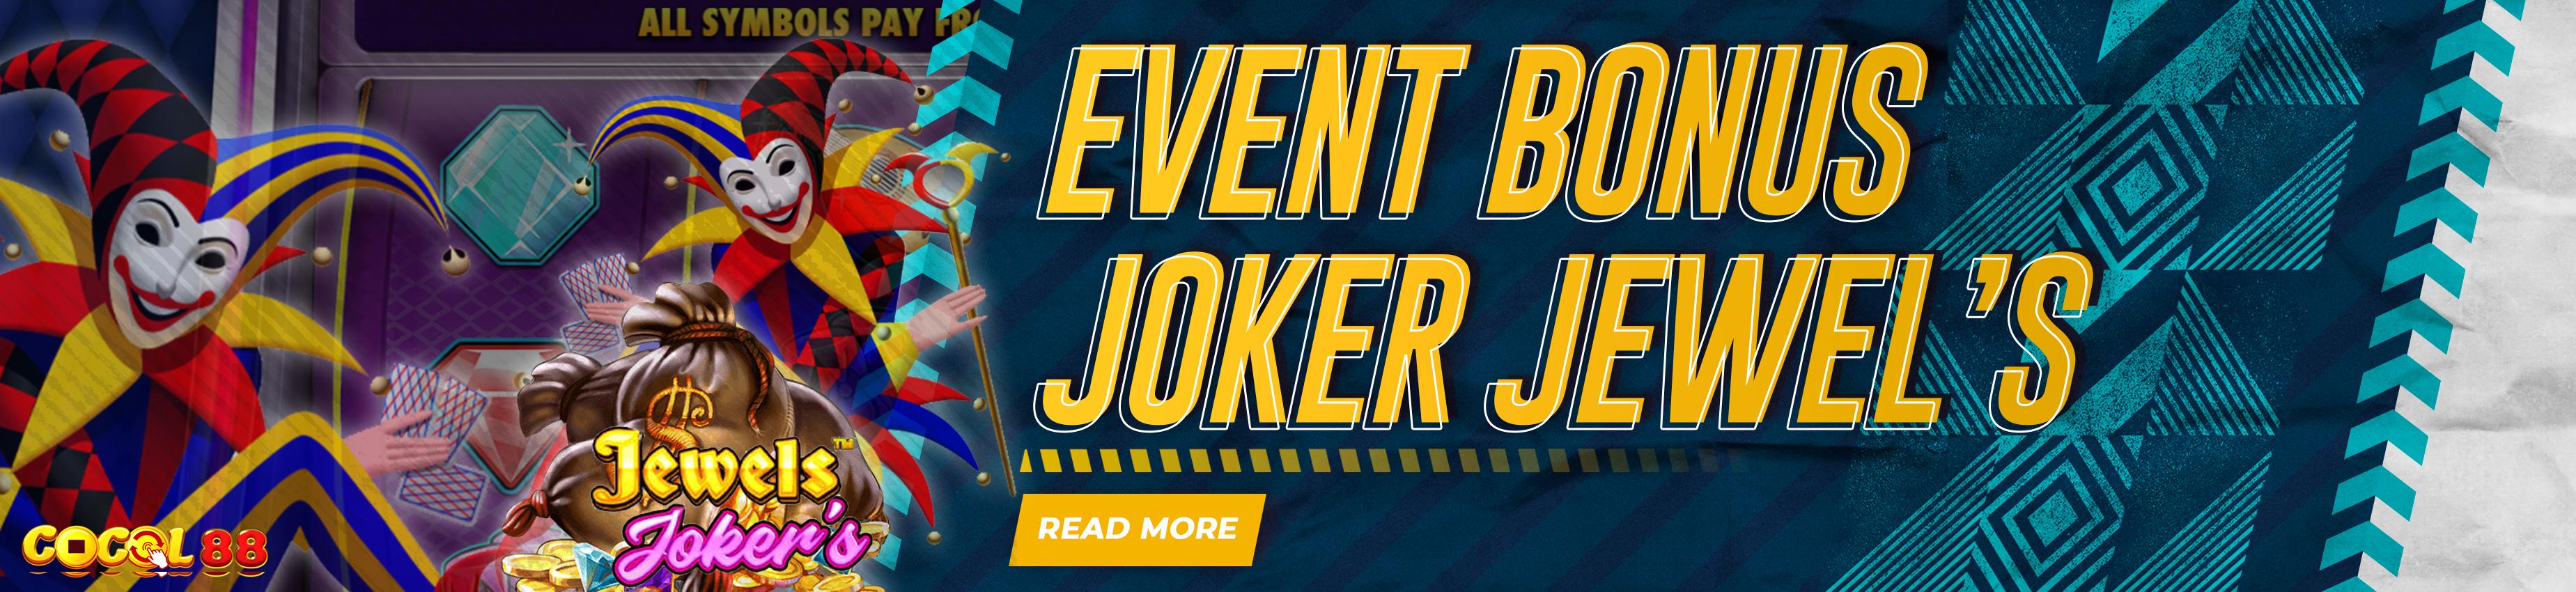 EVENT BONUS JOKER JEWEL